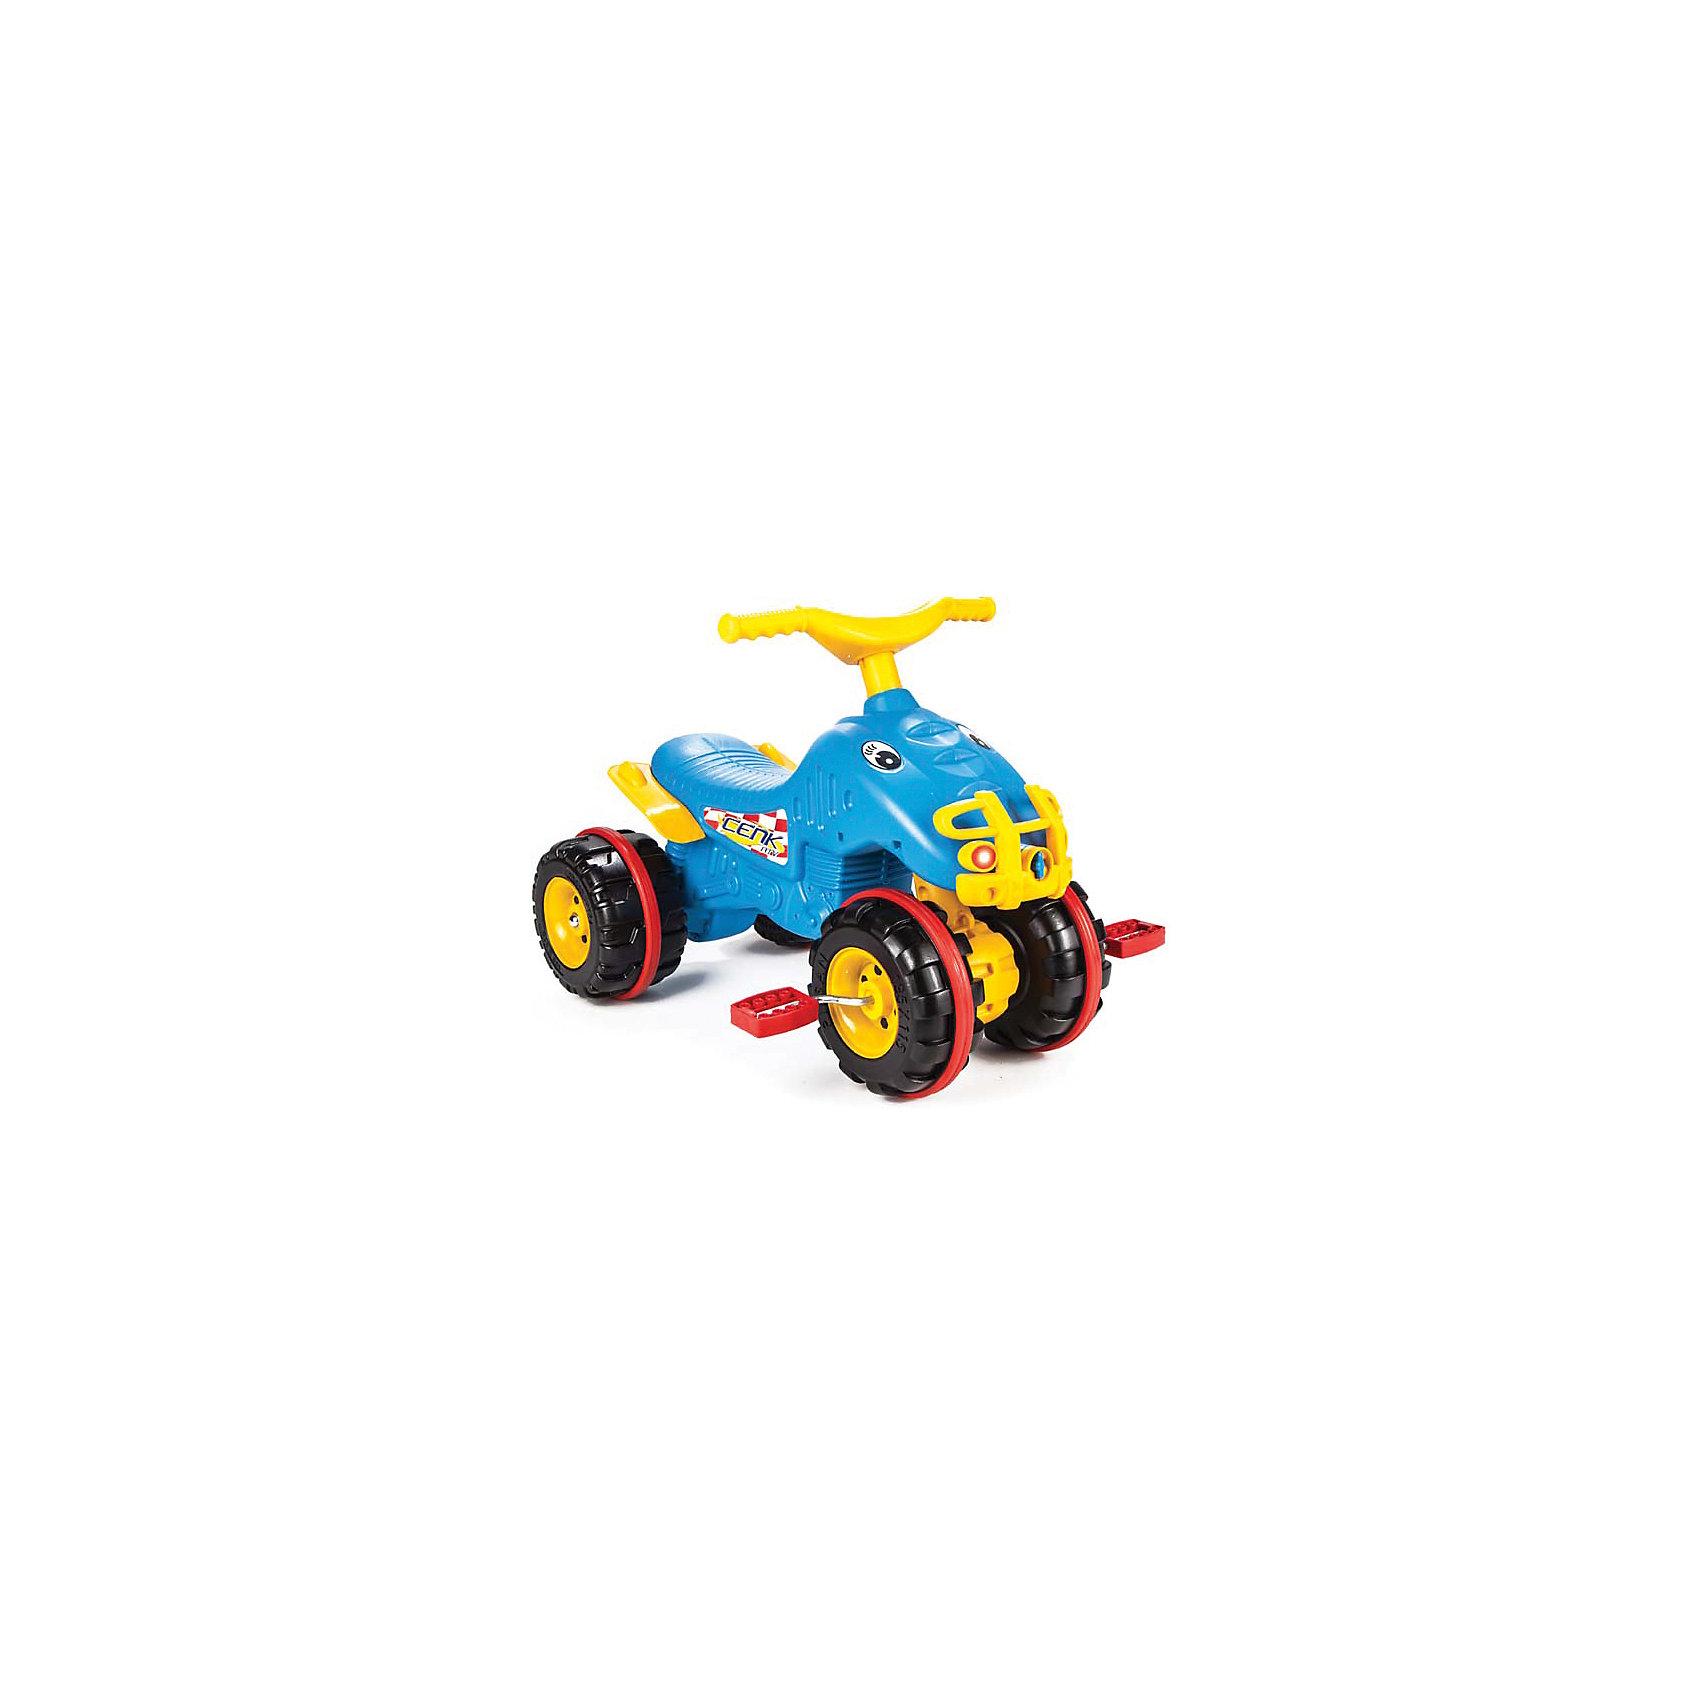 Педальная машина Квадроцикл CENK ATV (в ассортименте), PILSANМашинки-каталки<br>Педальная машина Квадроцикл CENK ATV (в ассортименте), PILSAN (Пилсан)<br><br>Характеристики:<br><br>• анатомическая форма сиденья<br>• управление с помощью педалей и руля<br>• яркий дизайн<br>• способствует физическому развитию и развитию координации движений<br>• материал: пластик<br>• размер упаковки: 48х67х49 см<br>• вес: 2,8 кг<br><br>Квадроцикл с педальным управлением станет первым личным транспортом малыша. Яркая расцветка непременно понравится маленьким гонщикам. Квадроцикл управляется с помощью педалей и руля. Анатомическая форма сиденья позволит ребенку удобно расположиться в квадроцикле. Игрушка изготовлена из прочного высококачественного пластика. Максимальная нагрузка - 50 кг.<br><br>ВНИМАНИЕ! Данный артикул имеется в наличии в разных цветовых исполнениях. К сожалению, заранее выбрать определенный цвет не возможно.<br><br>Педальную машину Квадроцикл CENK ATV (в ассортименте), PILSAN (Пилсан) вы можете купить в нашем интернет-магазине.<br><br>Ширина мм: 490<br>Глубина мм: 670<br>Высота мм: 480<br>Вес г: 2800<br>Возраст от месяцев: 36<br>Возраст до месяцев: 84<br>Пол: Унисекс<br>Возраст: Детский<br>SKU: 5512033